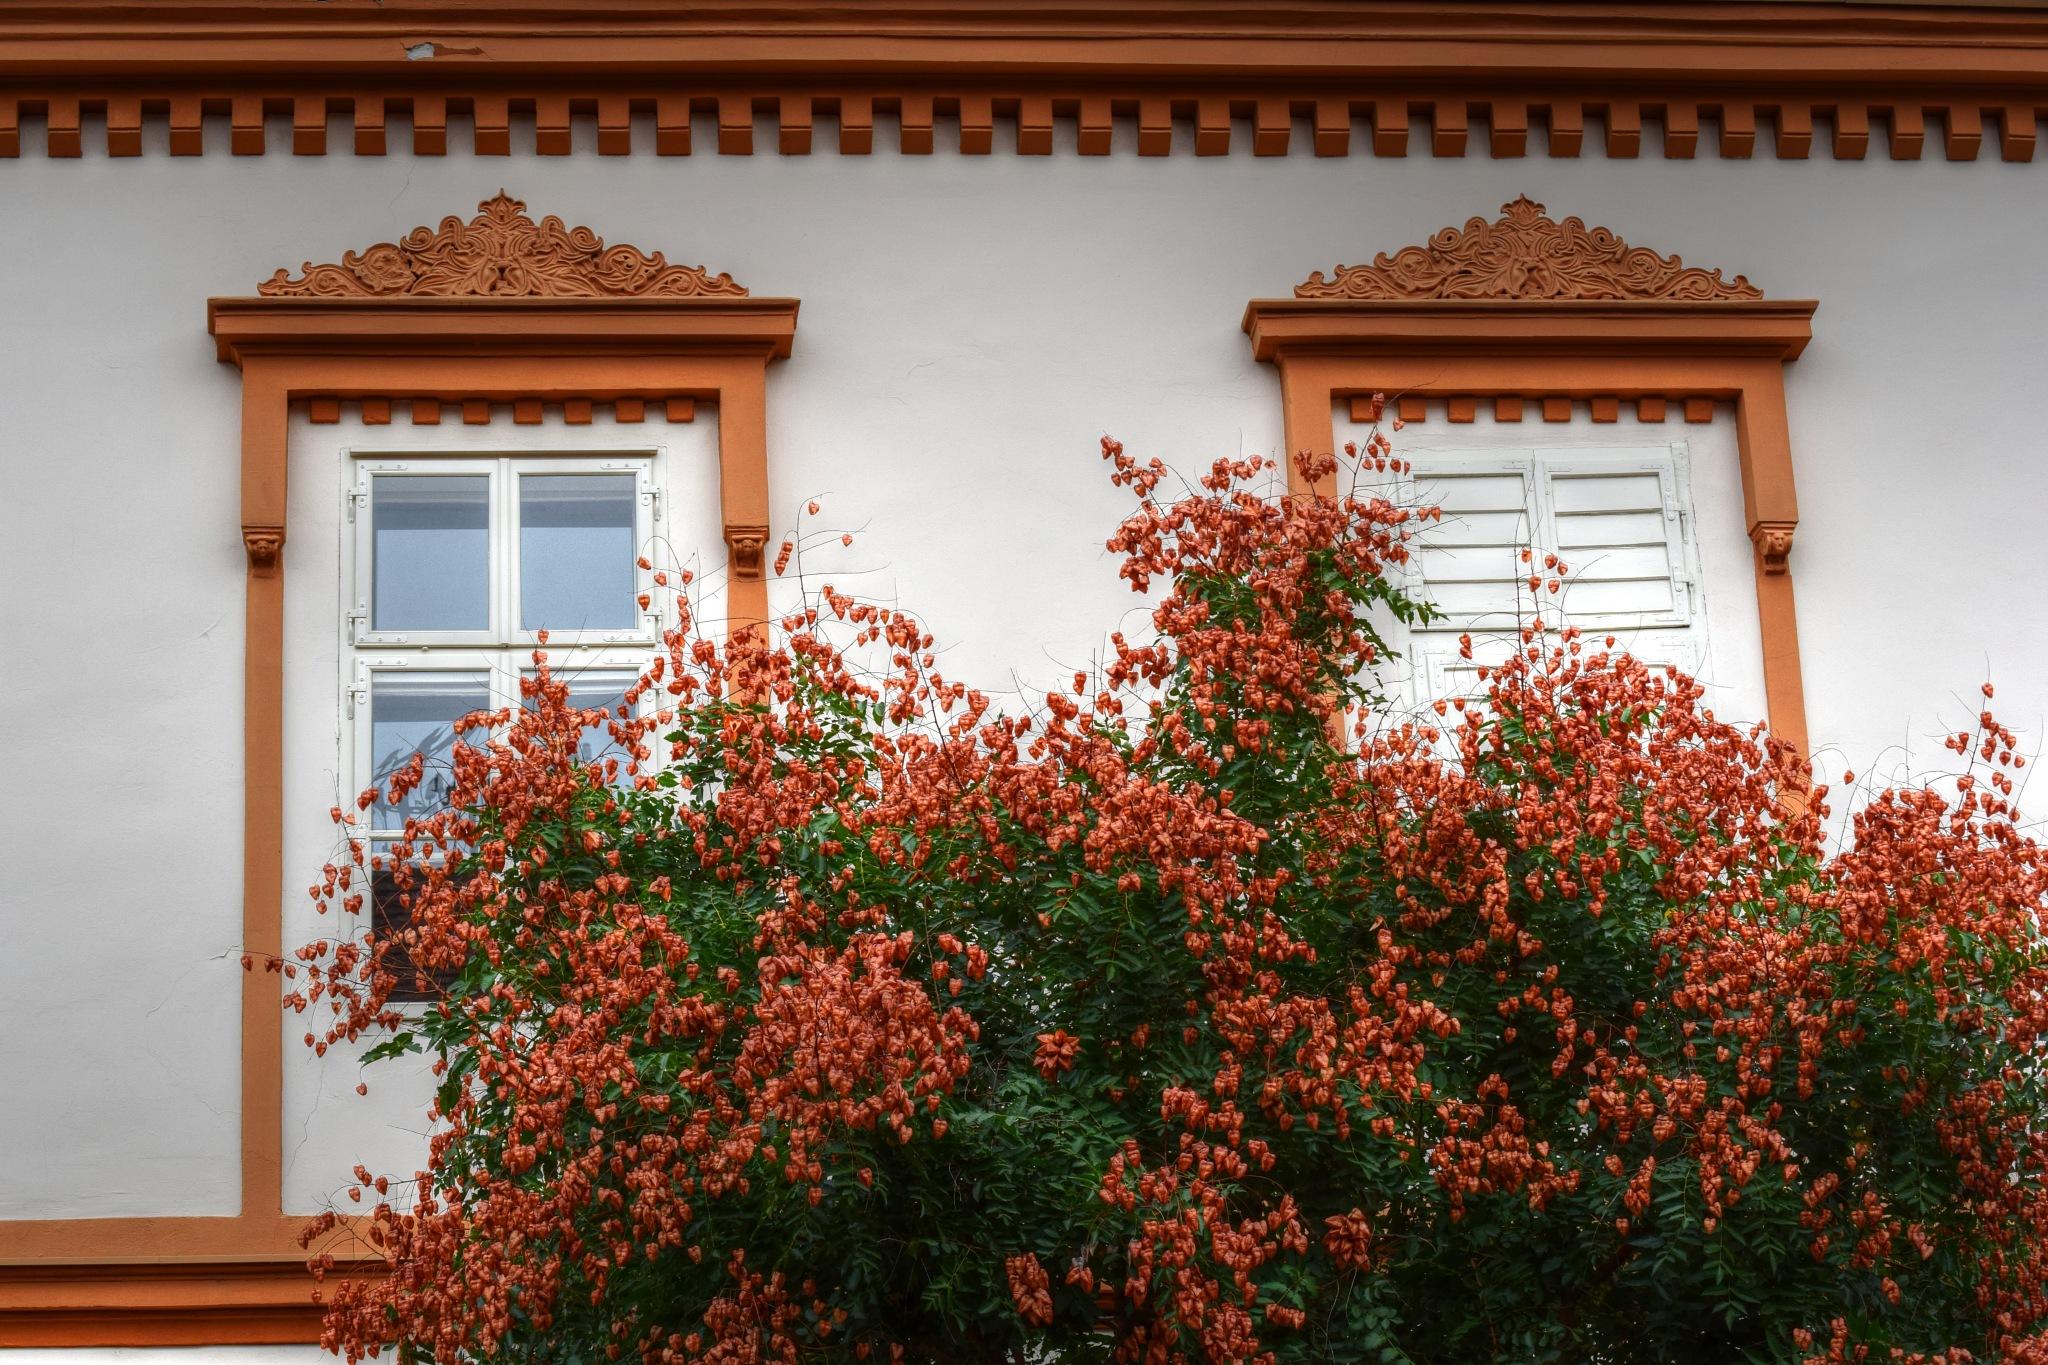 Windows by Javorka